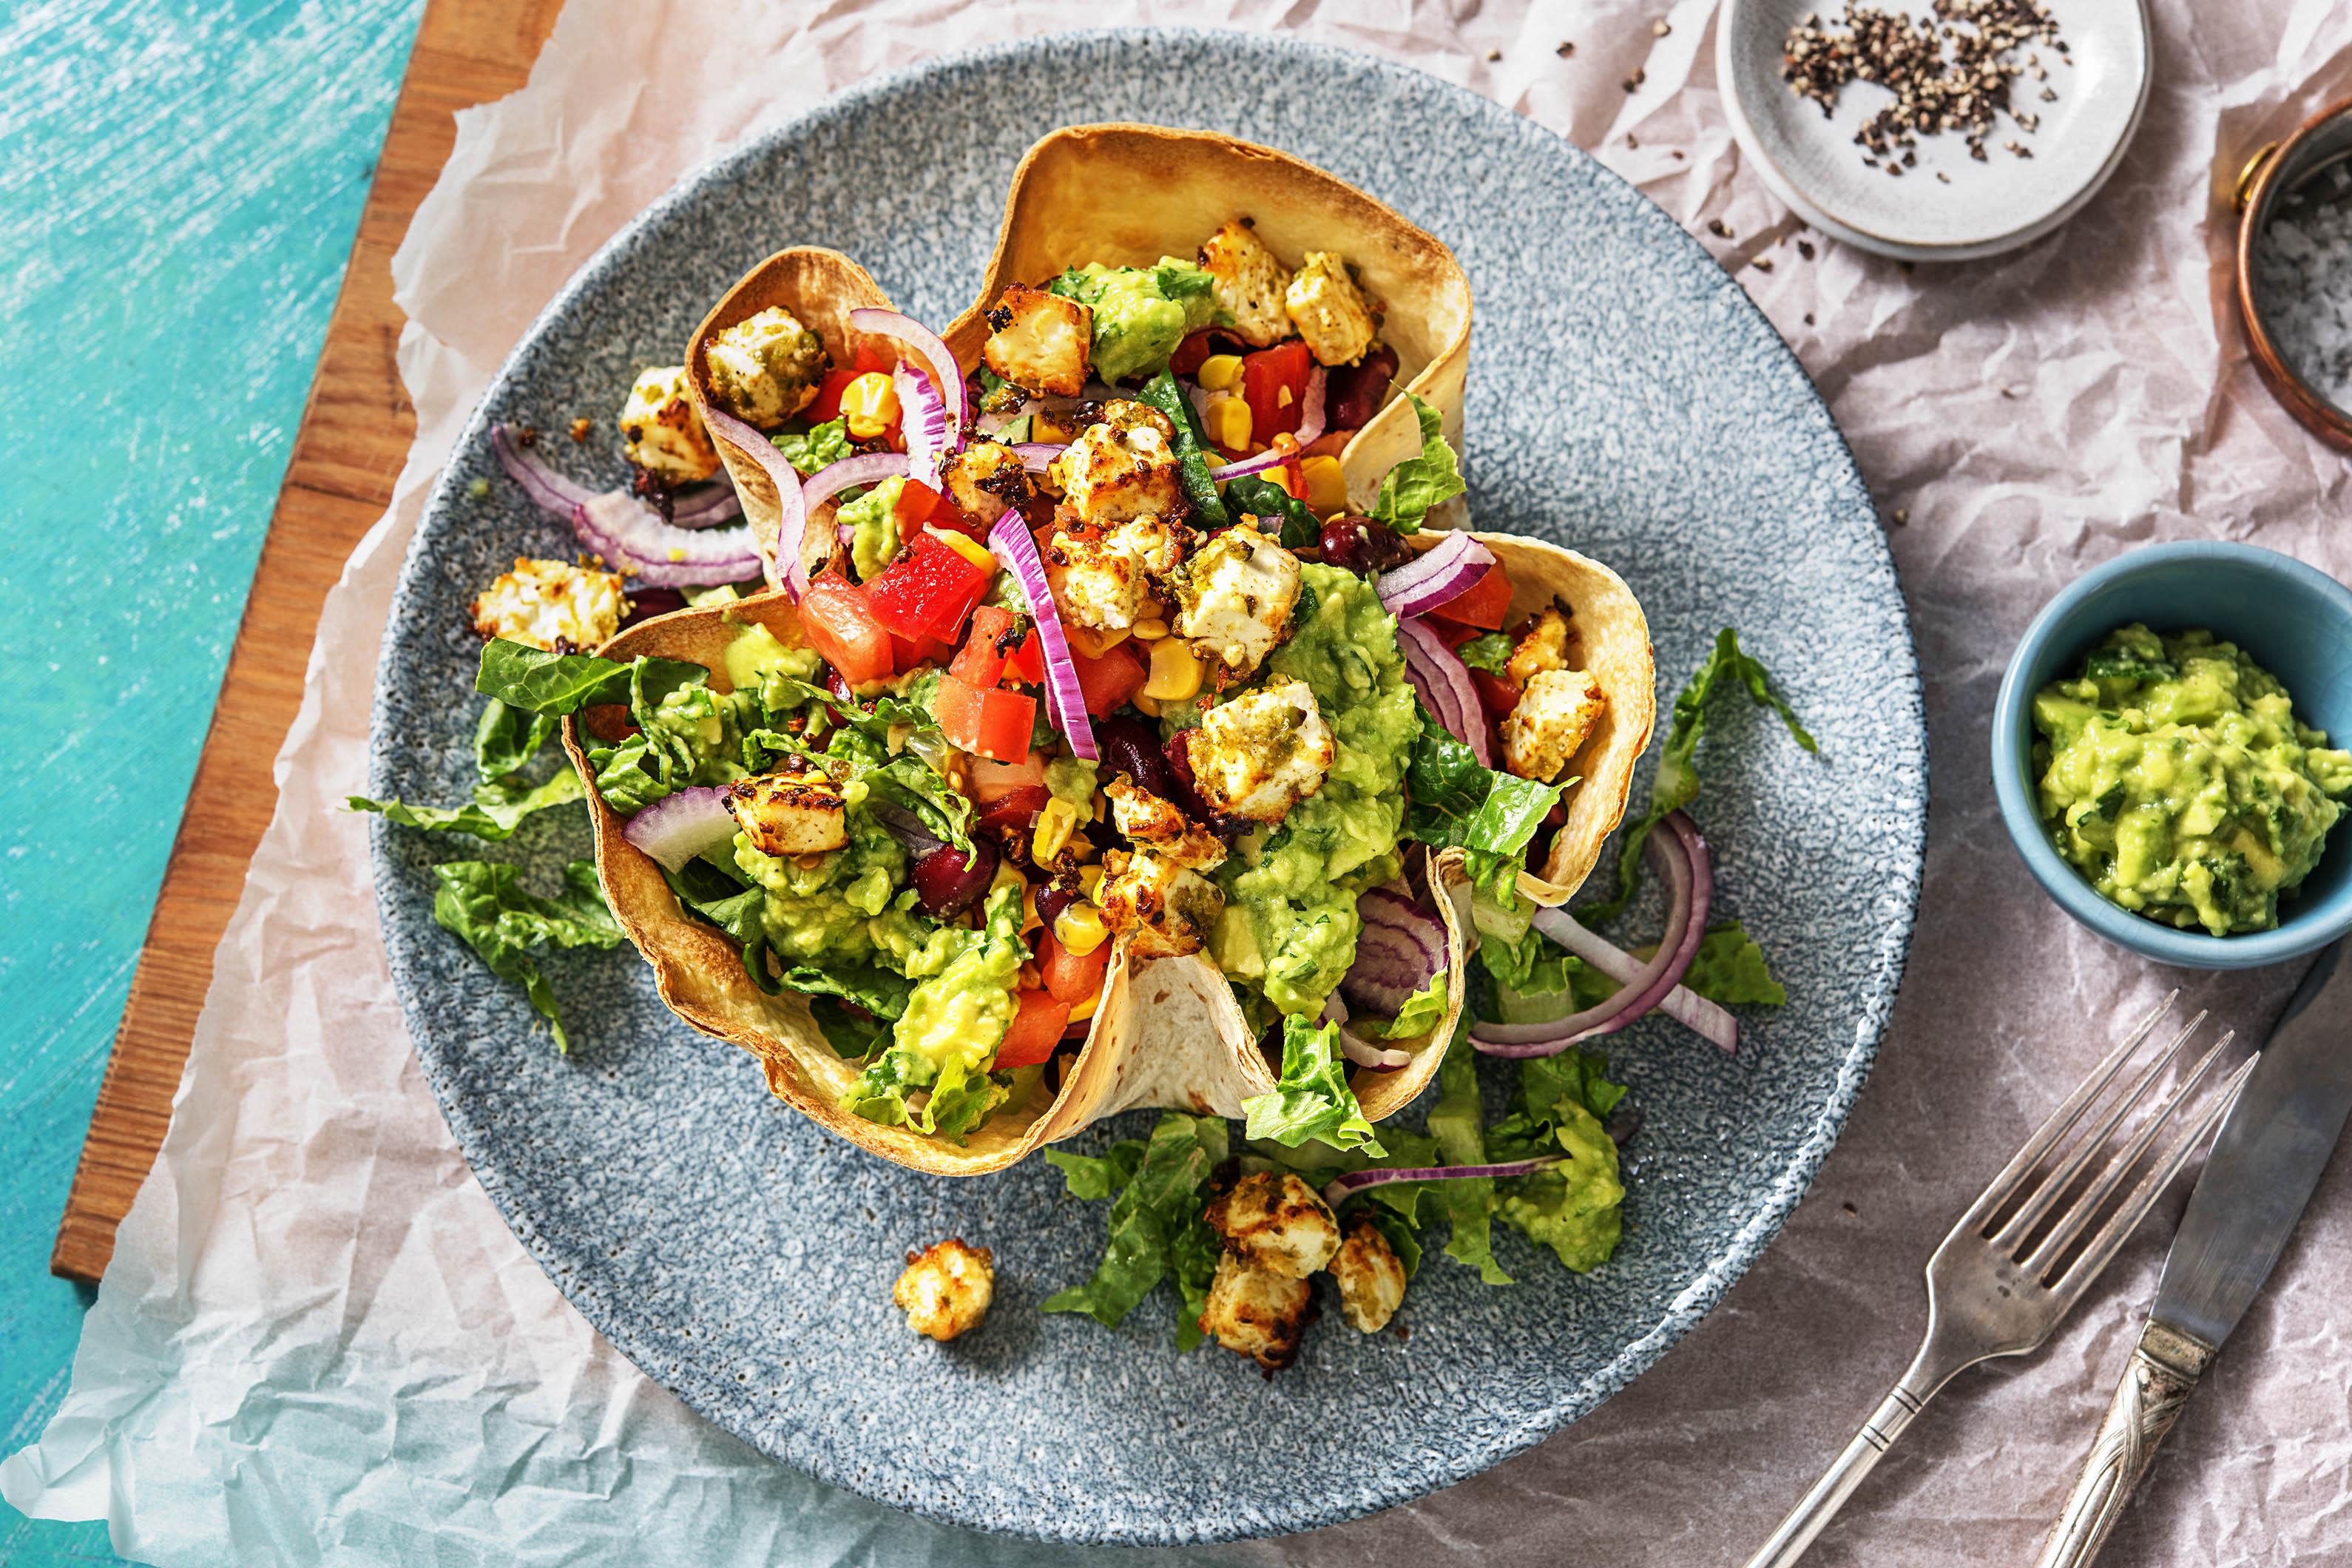 Würziger Tex-Mex-Salat in Tortilla-Bowl